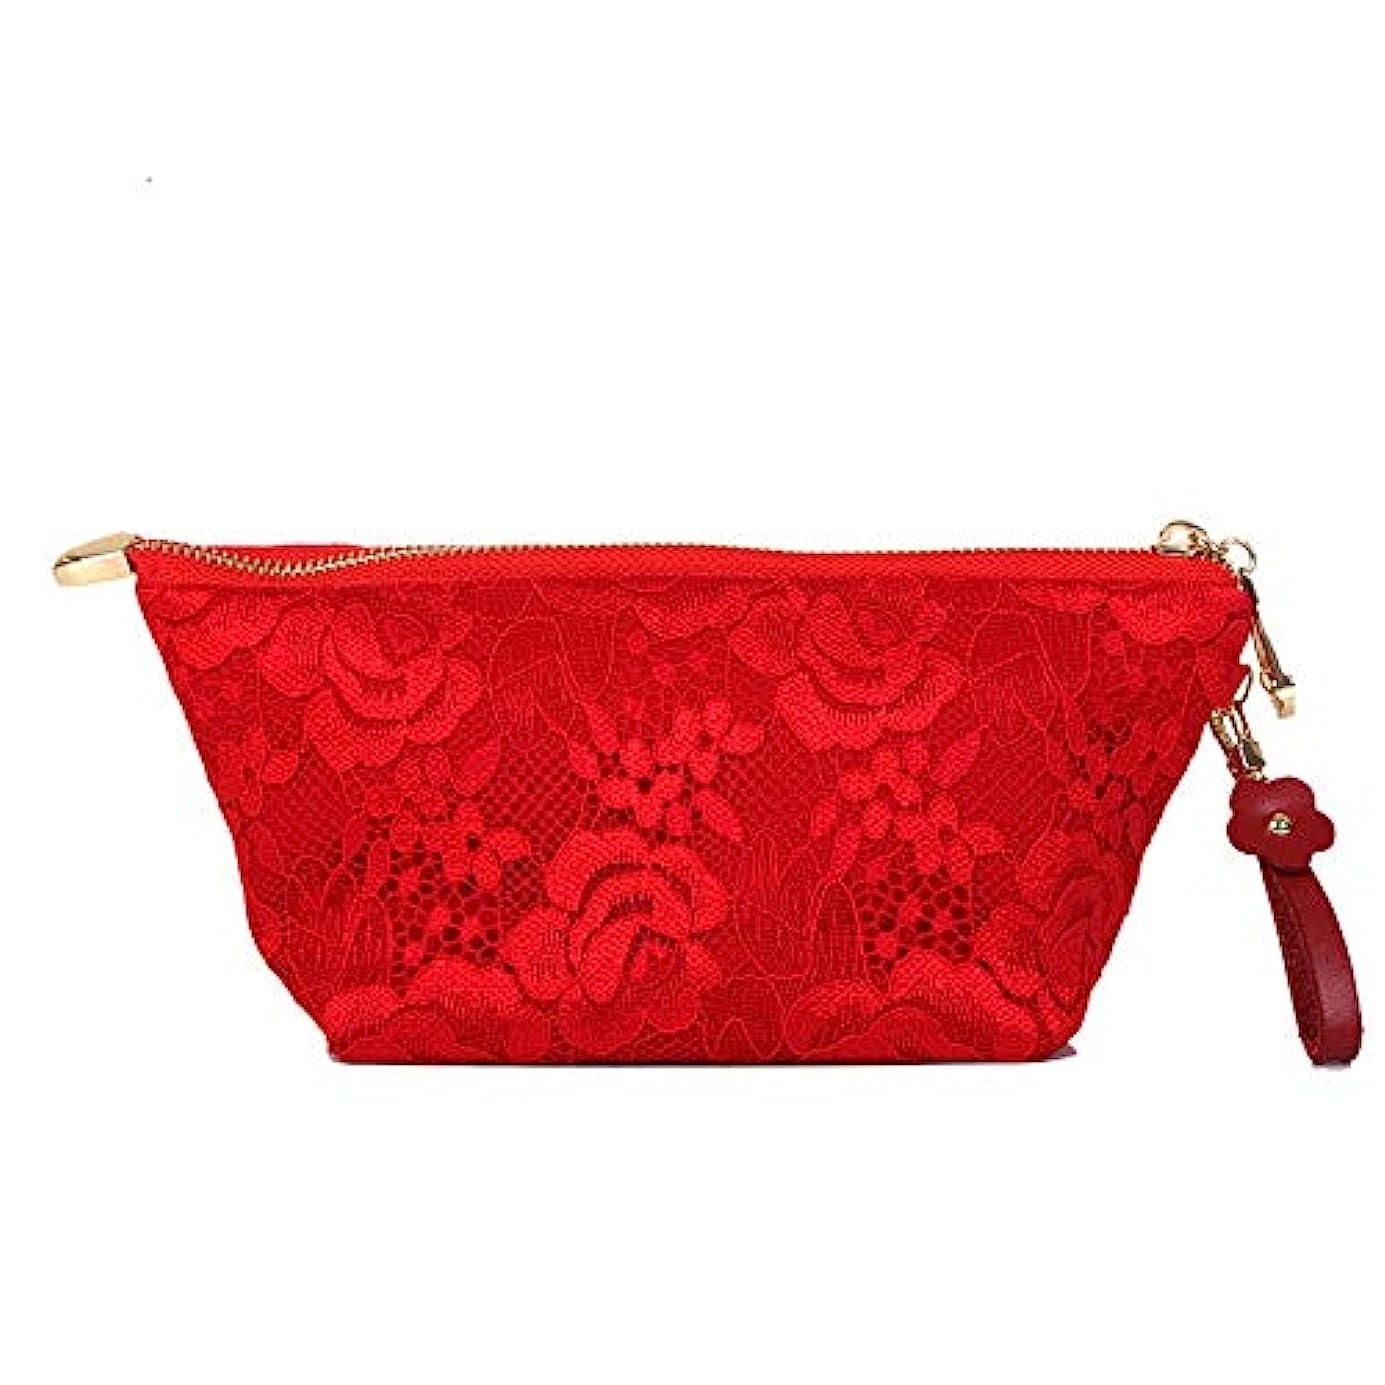 終点ダイバー困難エッセンシャルオイルボックス エッセンシャルオイルのスーツケース収納バイアルの10本のボトル ??- シェル型の赤のクラッチバッグはオイルストレージ統合袋を主催 アロマセラピー収納ボックス (色 : 赤, サイズ : 24.5X11X8.5CM)